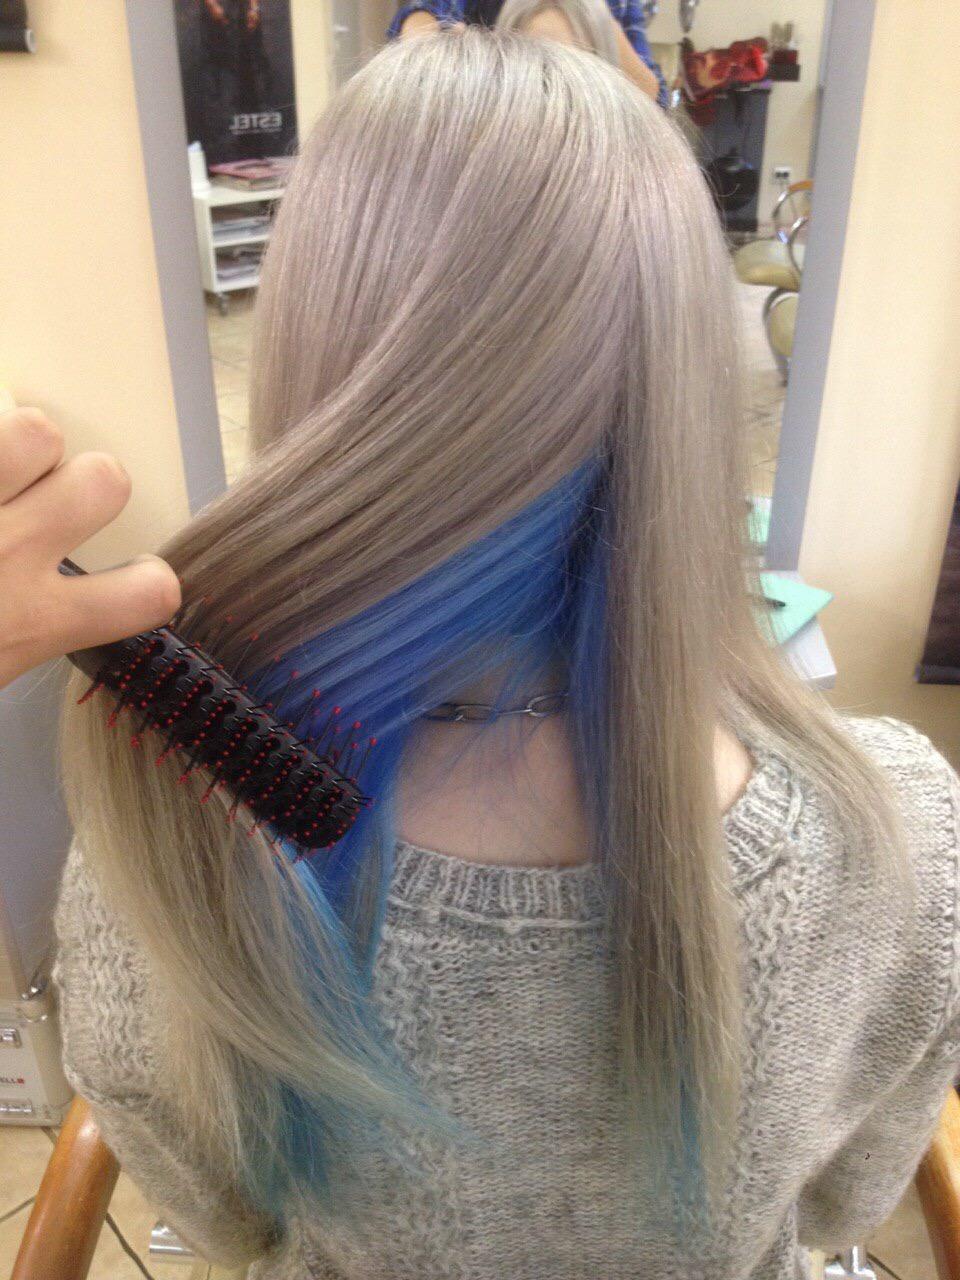 Окрашивание омбре: переход волос от темного к светлому 38